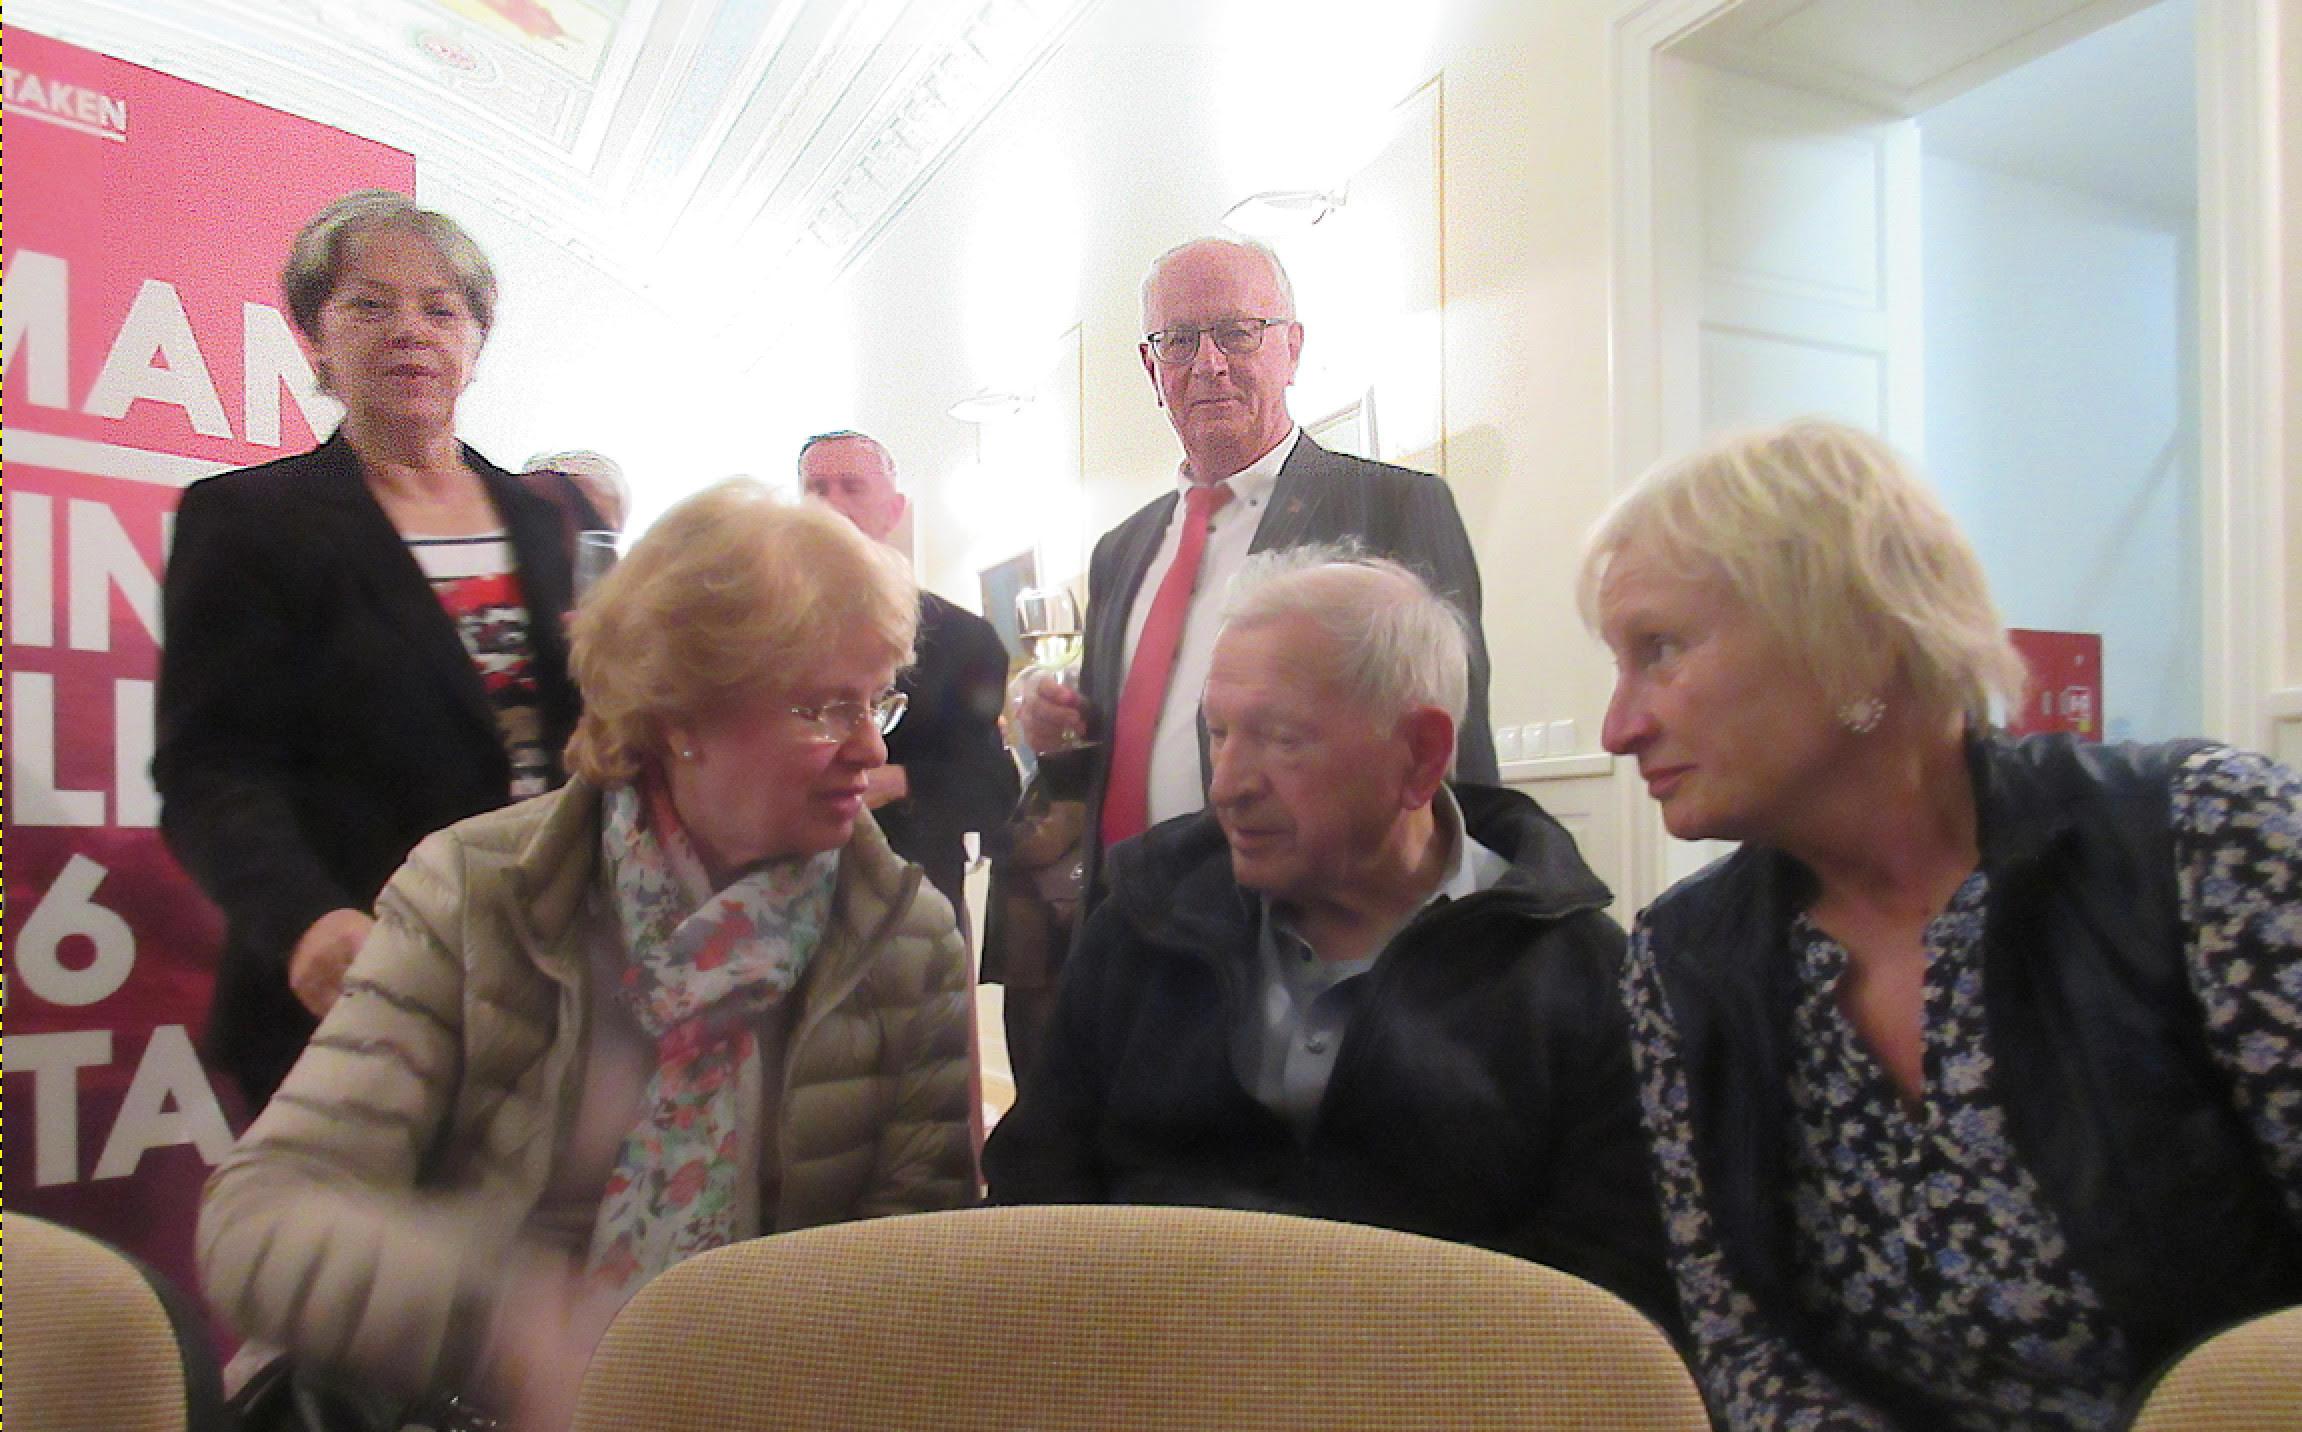 Viele Gespräche kamen bei der Vernissage auf.